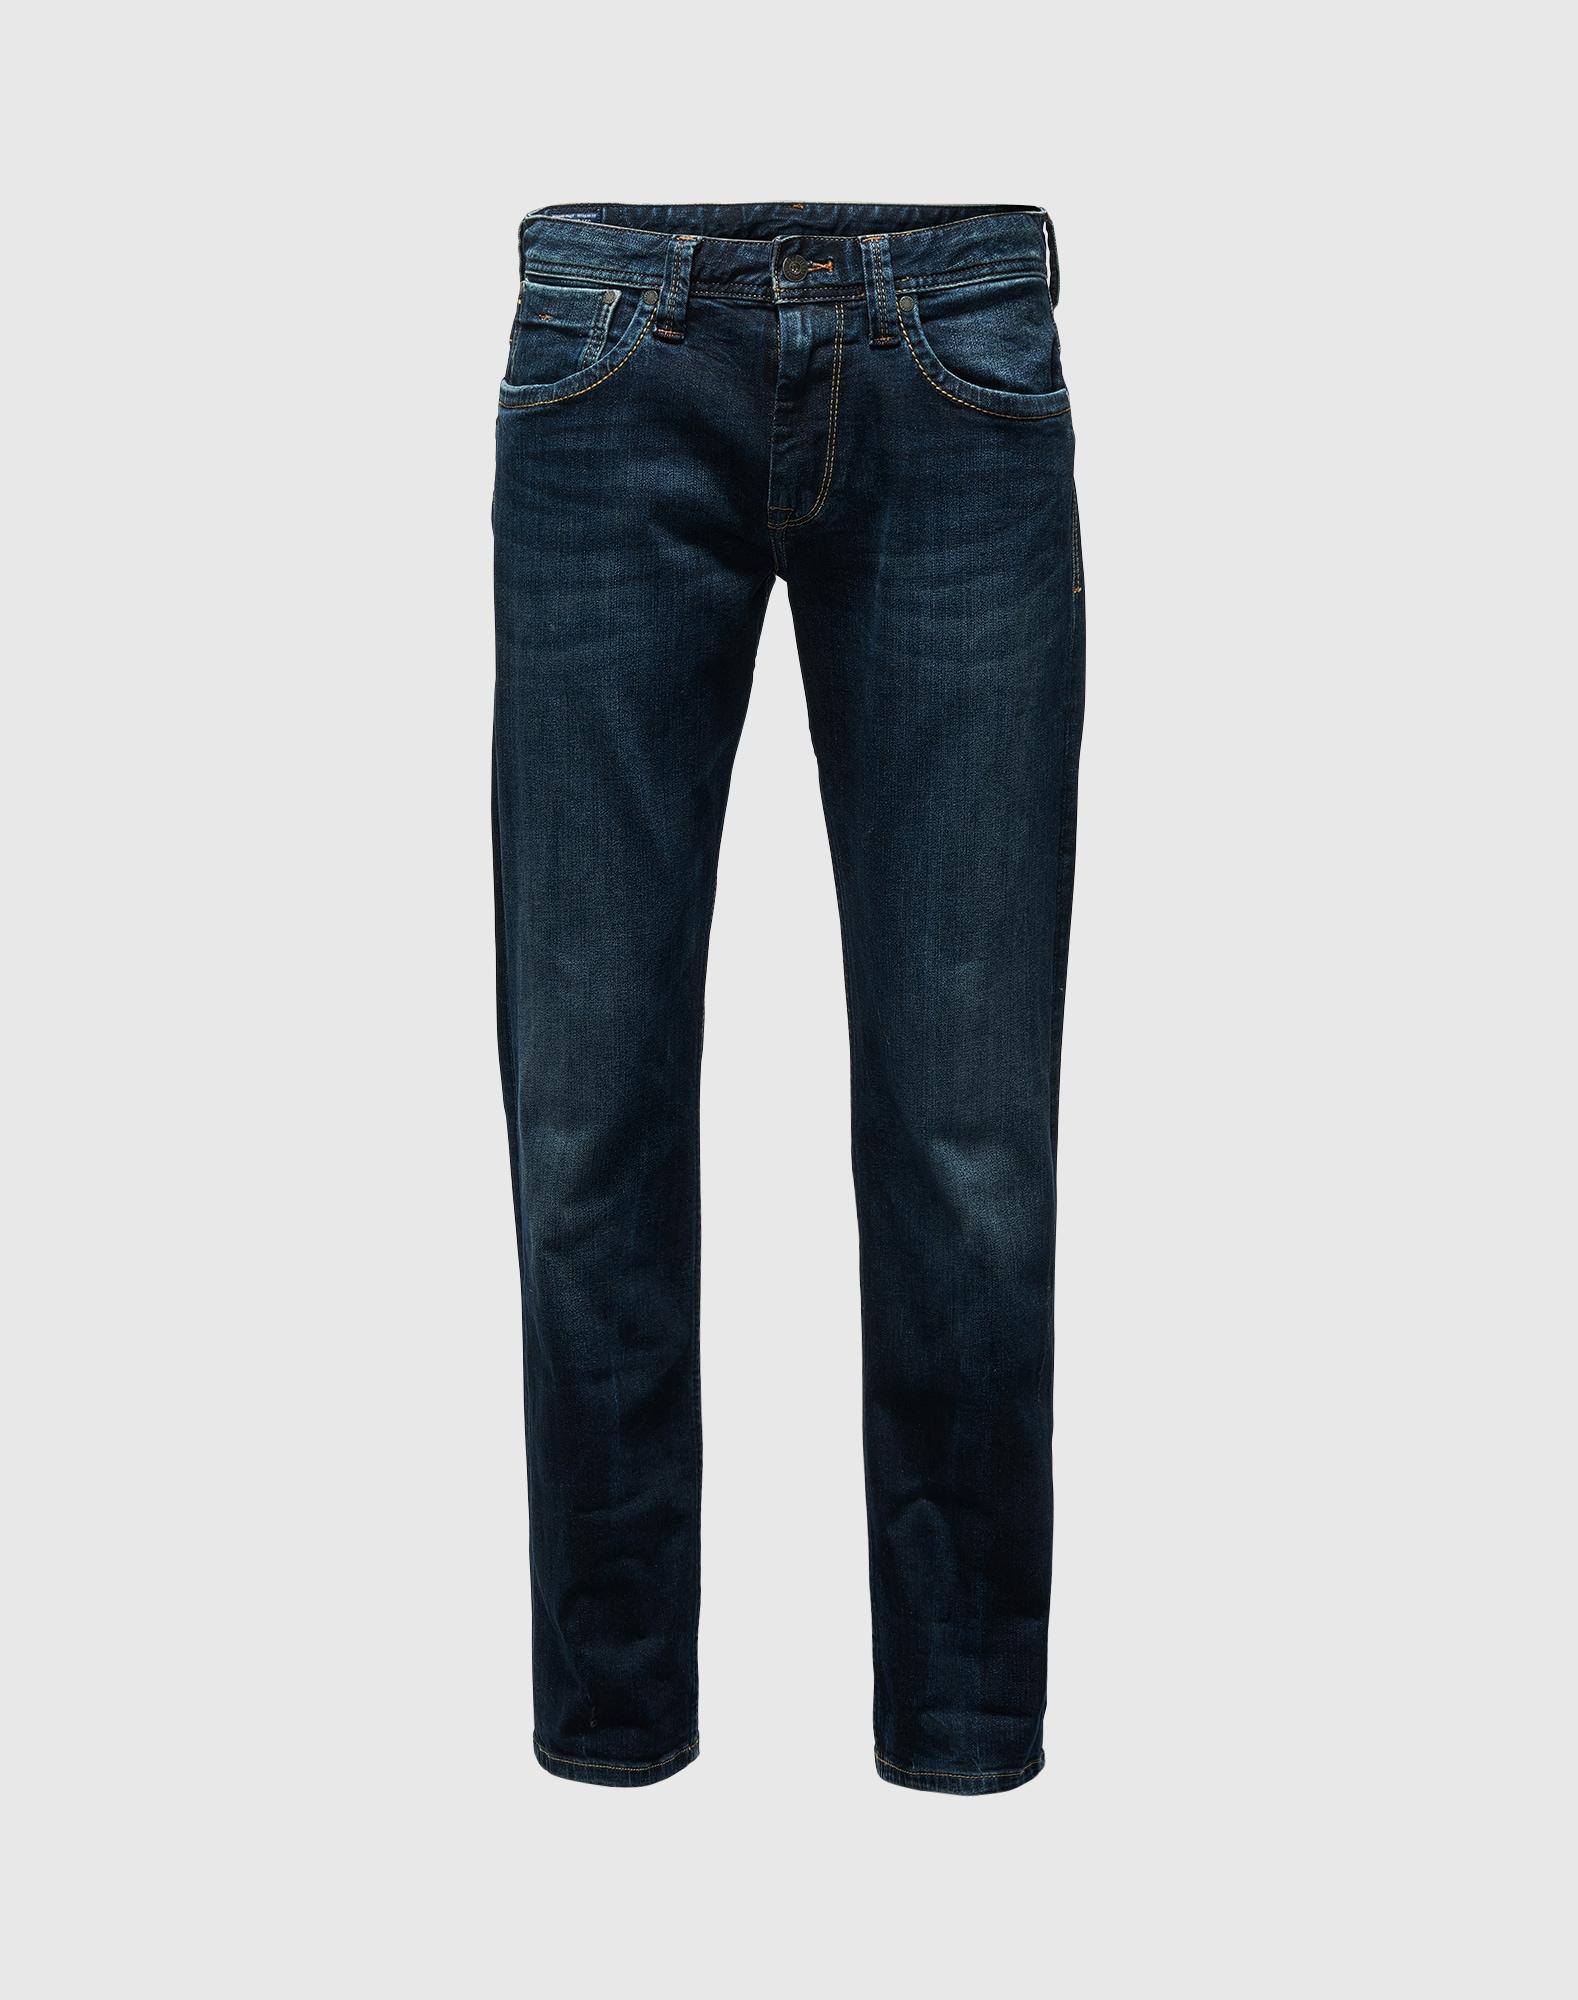 Pepe Jeans Jeans  mörkblå